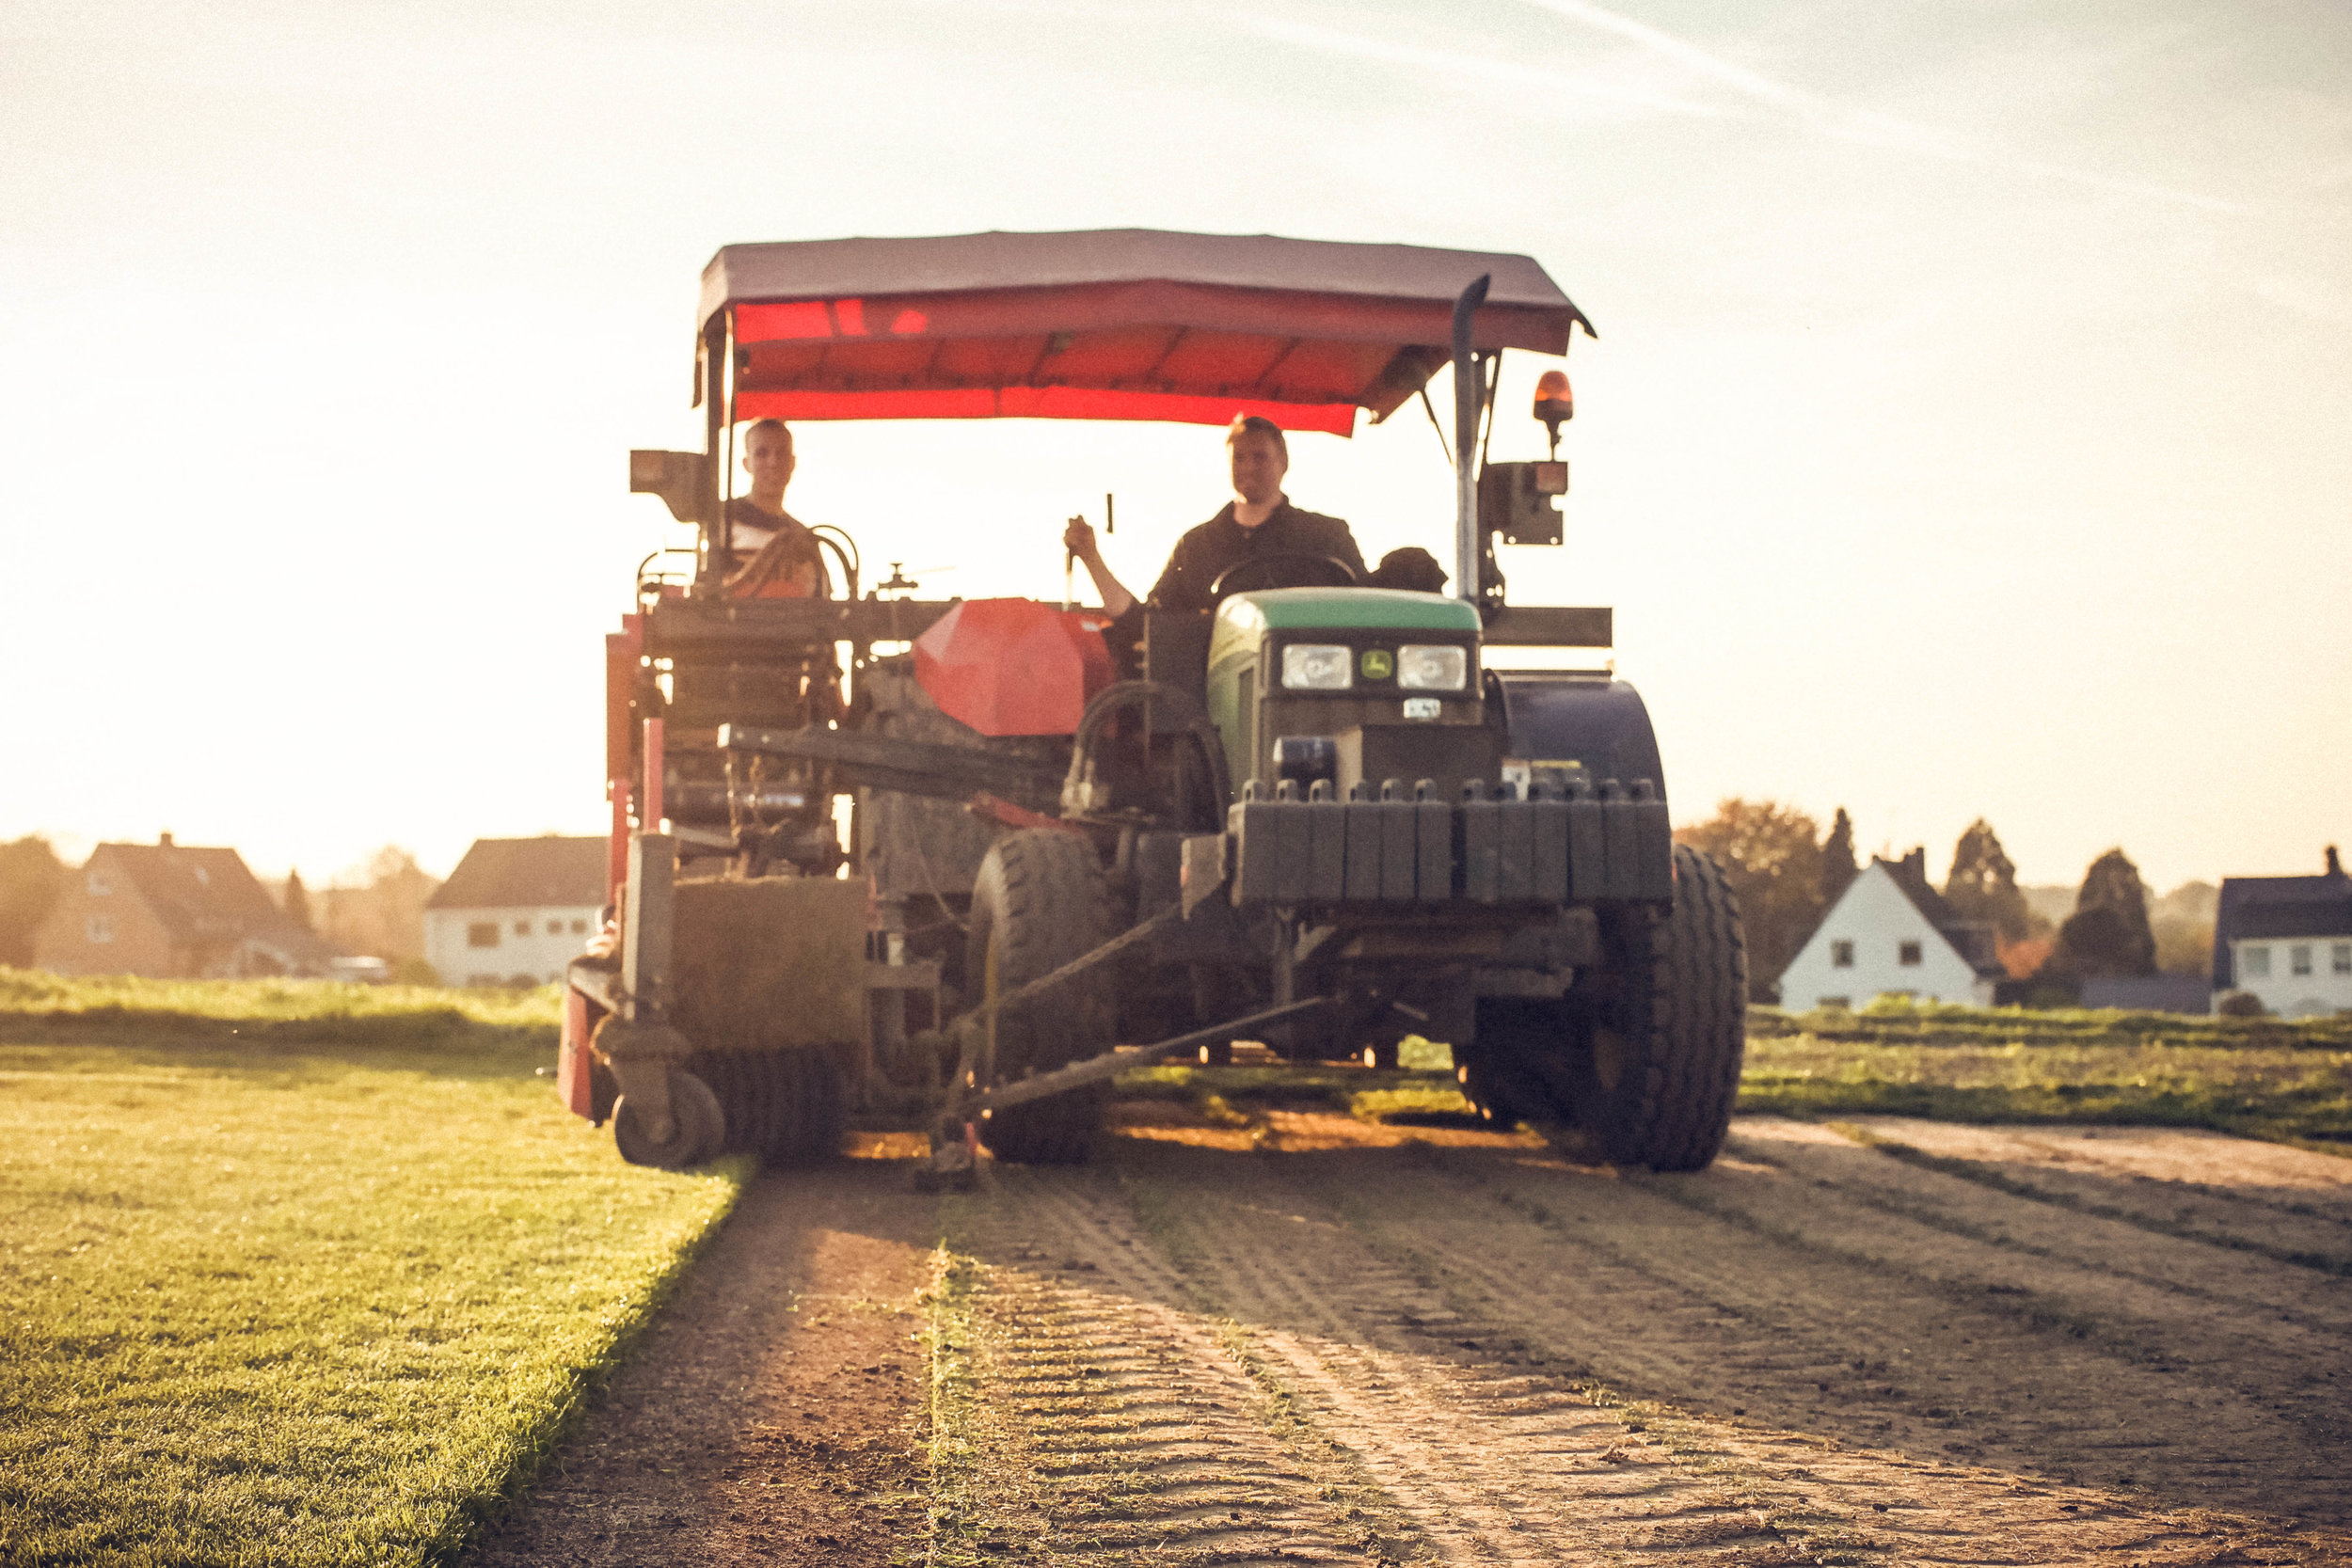 Ernte - Sofort nach Eingang Ihrer Bestellung, bzw. unmittelbar vor dem vereinbarten Liefertermin, kommt unsere Schältechnik zum Einsatz. Mit unserer Schälmaschine wird die Rasensode auf Bahnen von 0,4 m x 2,5 m schonend geschält und aufgerollt. So entsteht ein qualitativ hochwertiger Fertigrasen.